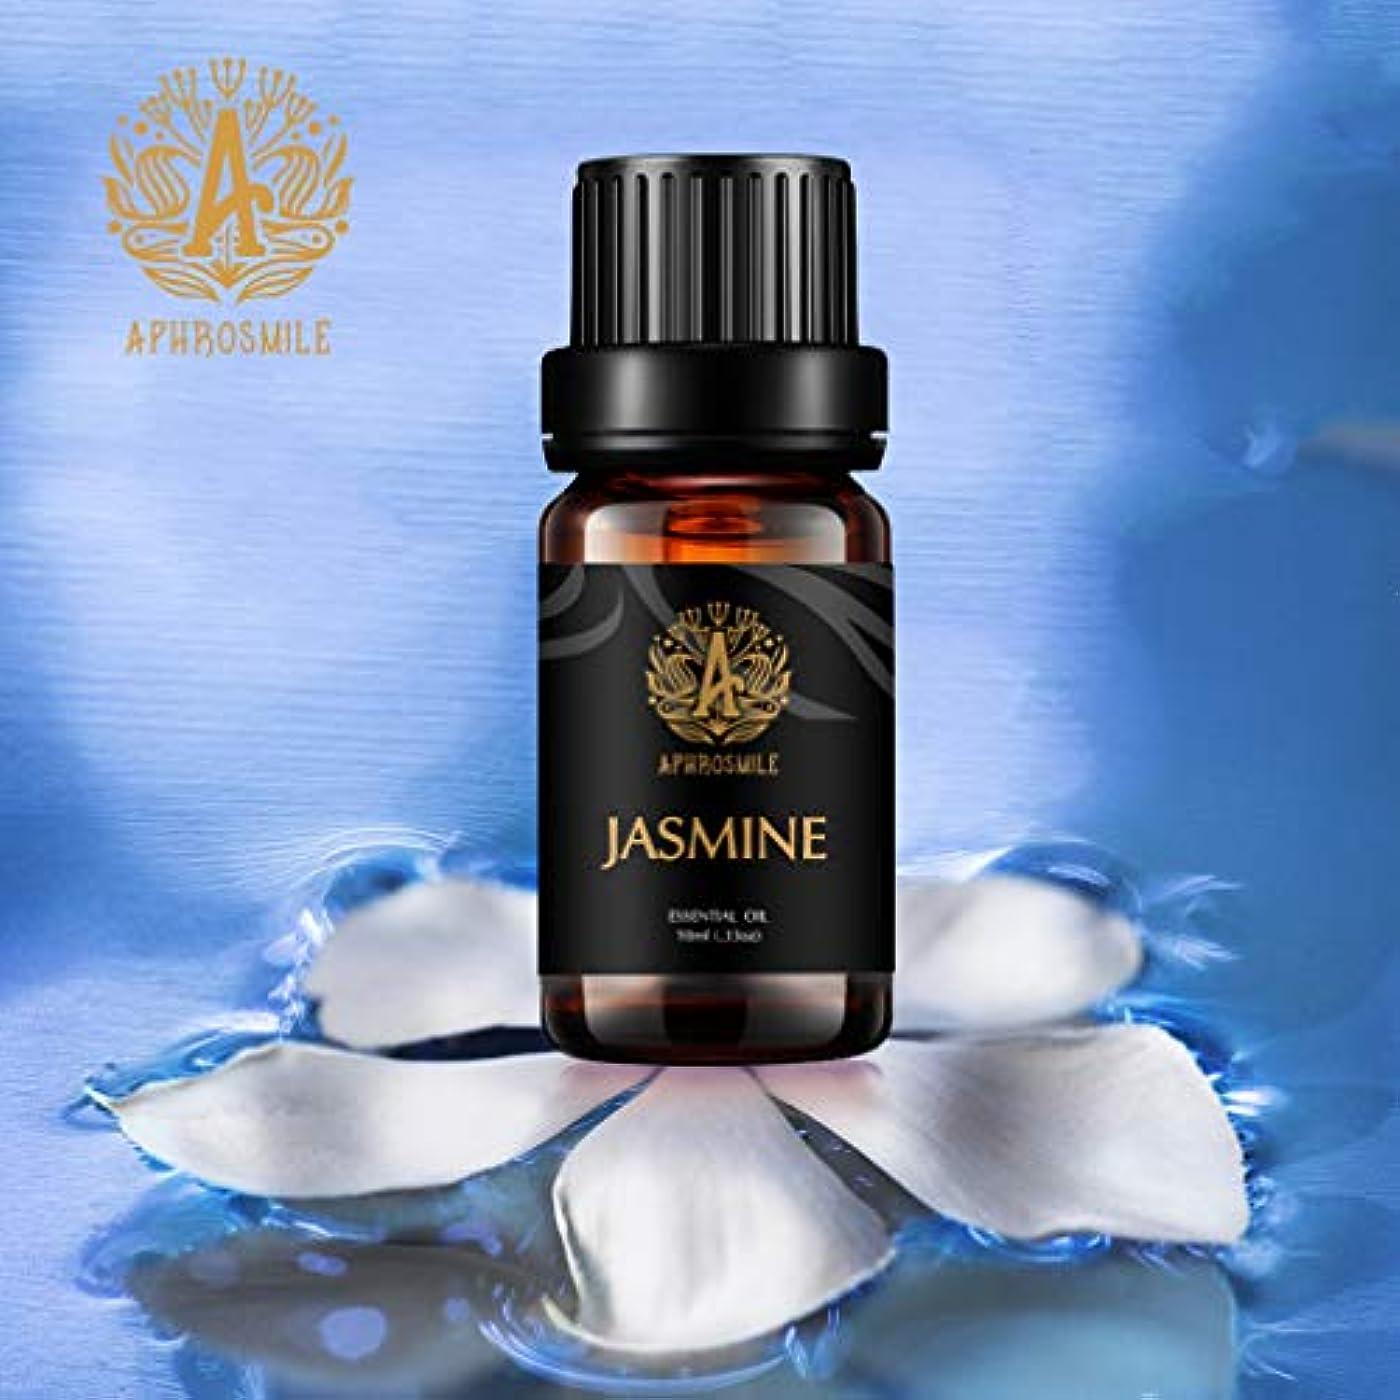 戦艦図書館明るくするジャスミンエッセンシャルオイル、100%純粋なアロマセラピーエッセンシャルオイルジャスミンの香りと甘い花の香り、治療上の等級の精油のジャスミンの芳香為に拡散器、マッサージ、加湿器、毎日の心配、0.33オンス-10ml